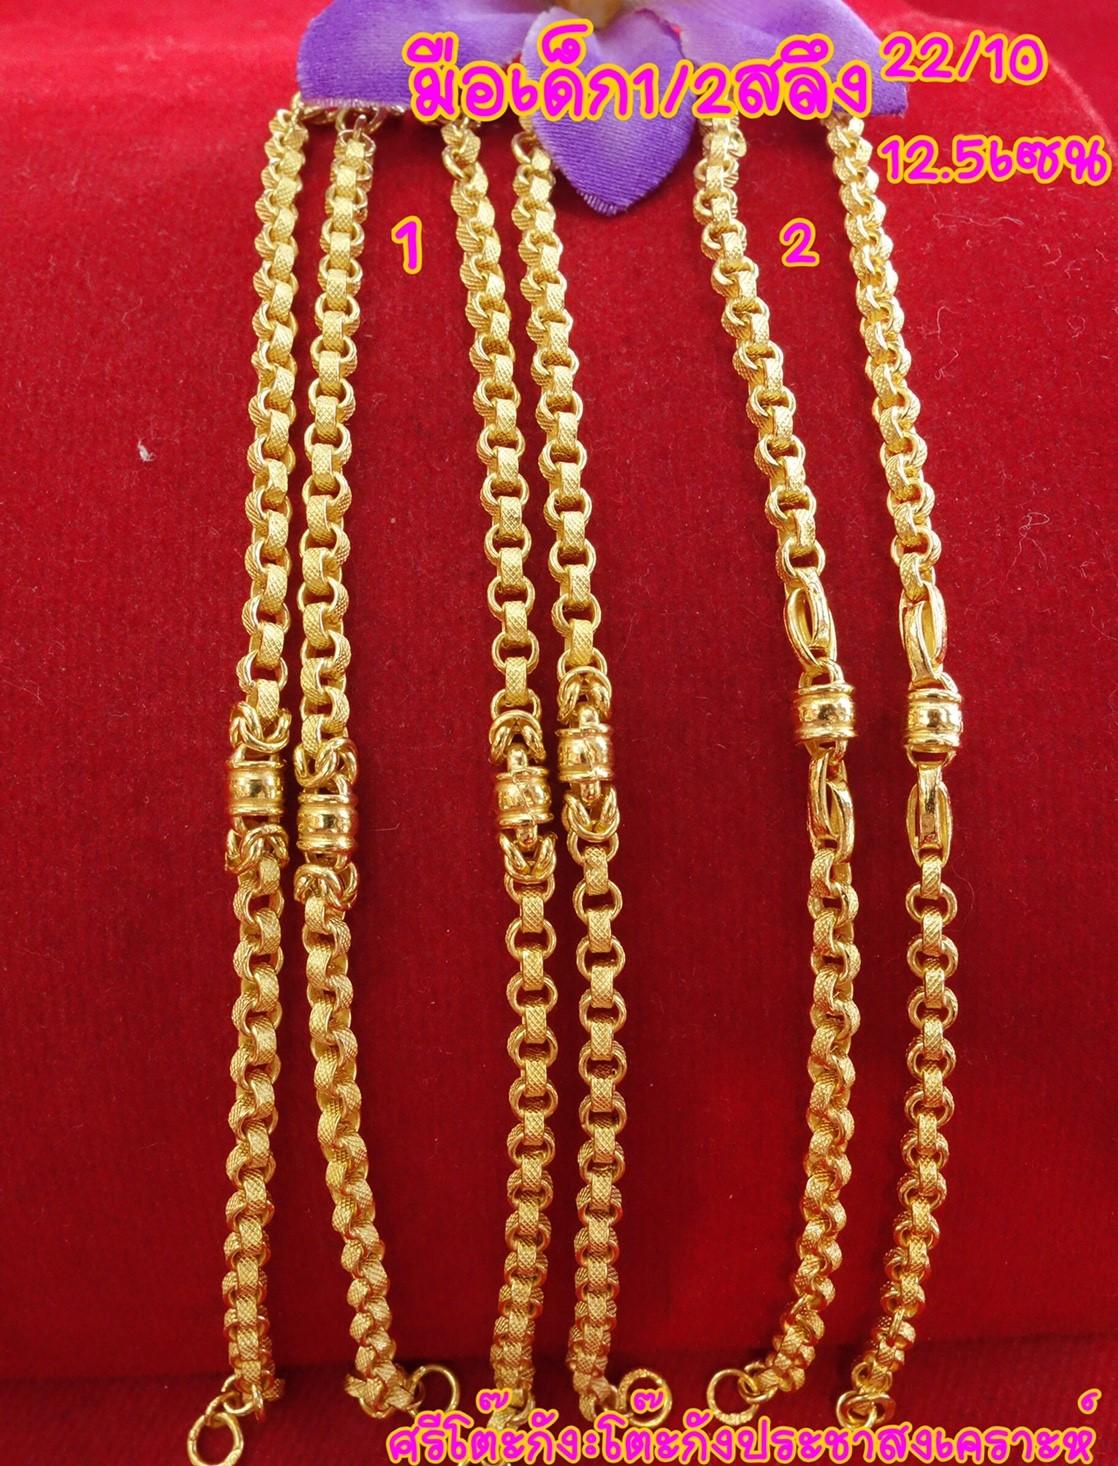 สร้อยข้อมือเด็ก ทองแท้ 96.5% หนัก 1.9 กรัม (ครึ่งสลึง)